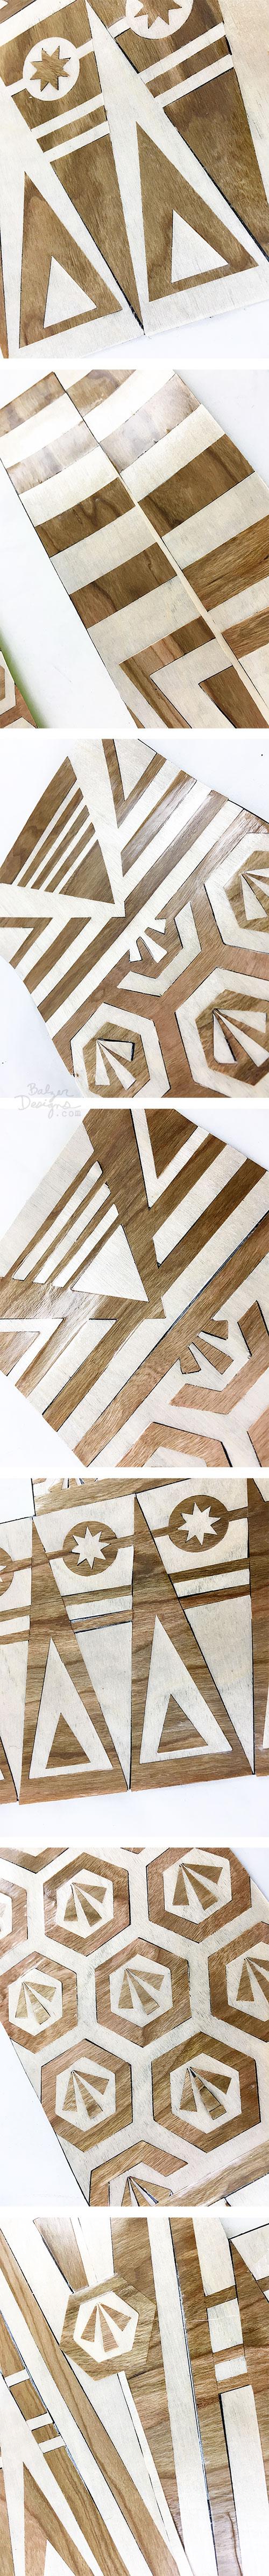 WoodenE-Details-wm